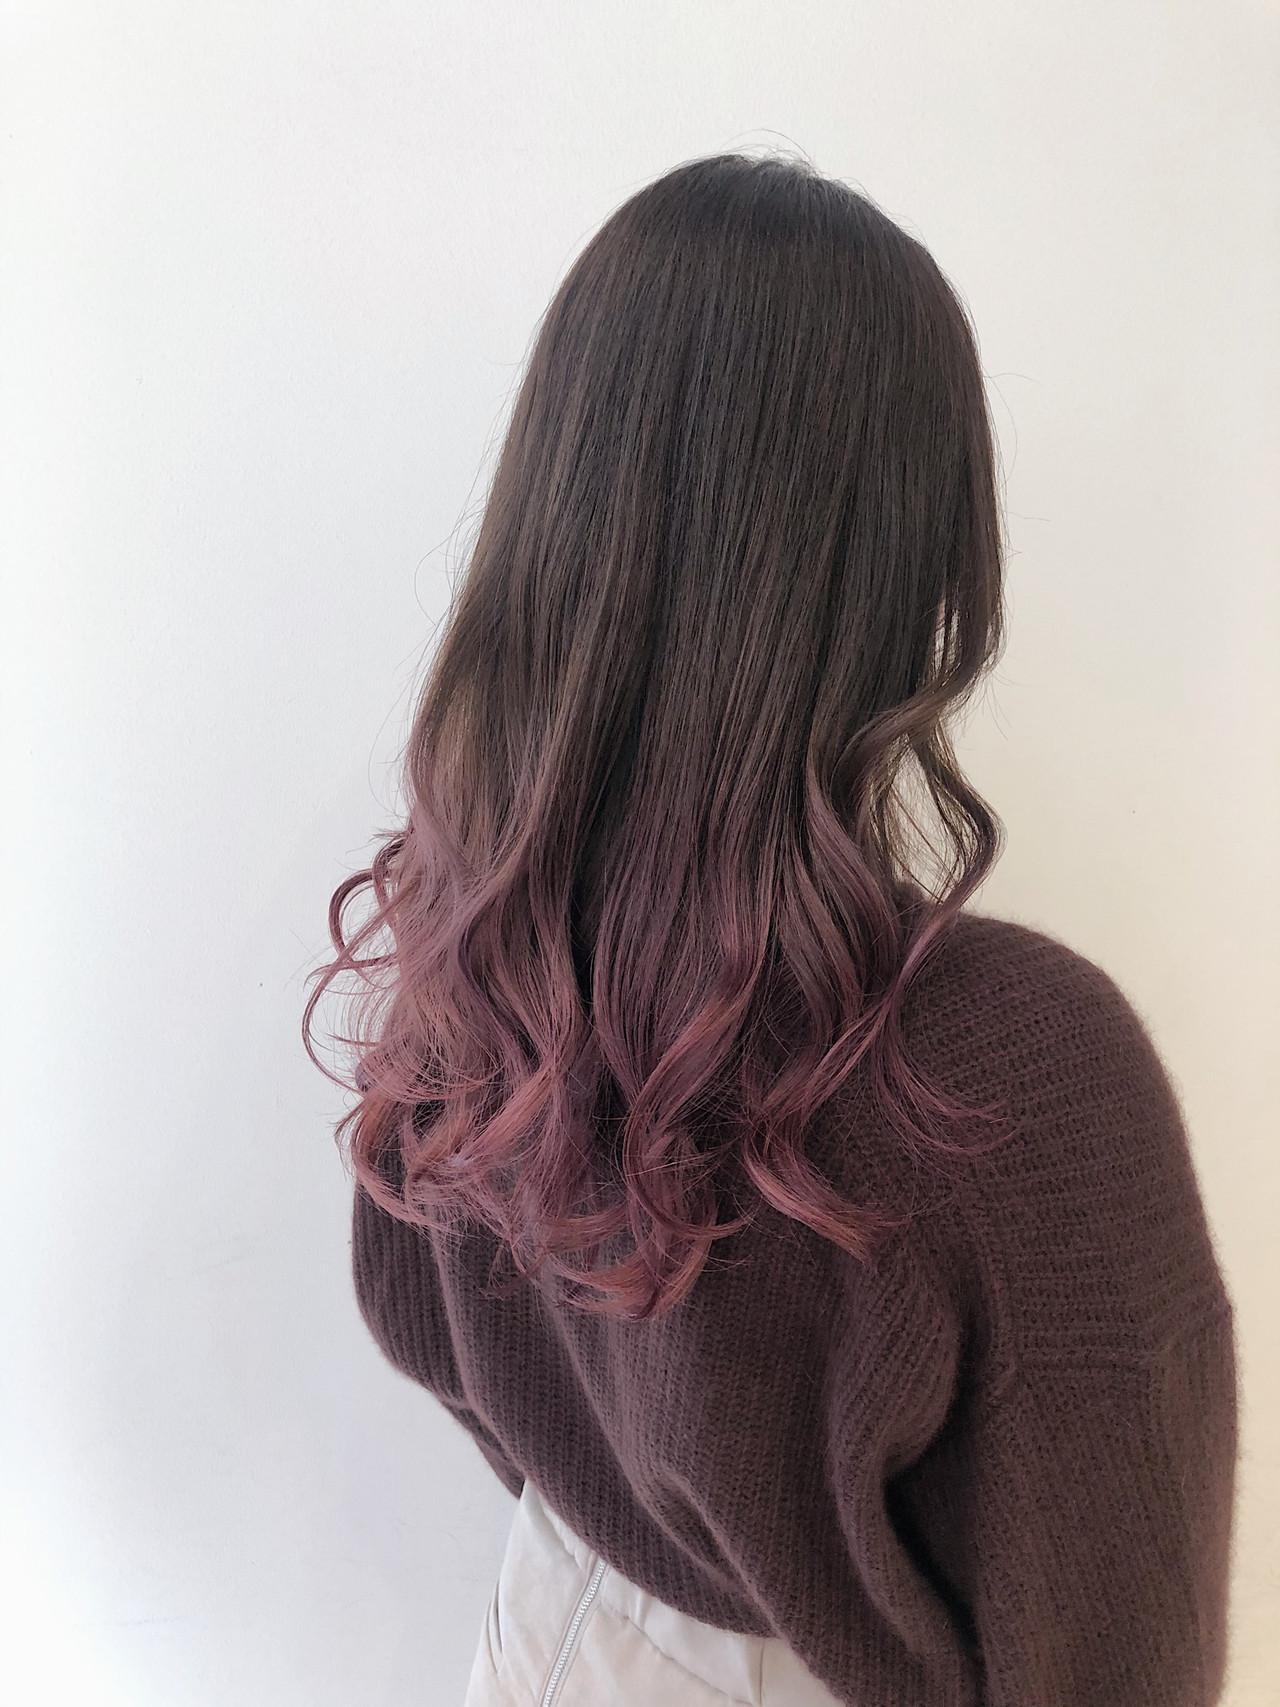 ピンクラベンダー ラベンダーピンク ロング ピンク ヘアスタイルや髪型の写真・画像 | ryota 【ALIVE harajuku】 / ALIVE harajuku